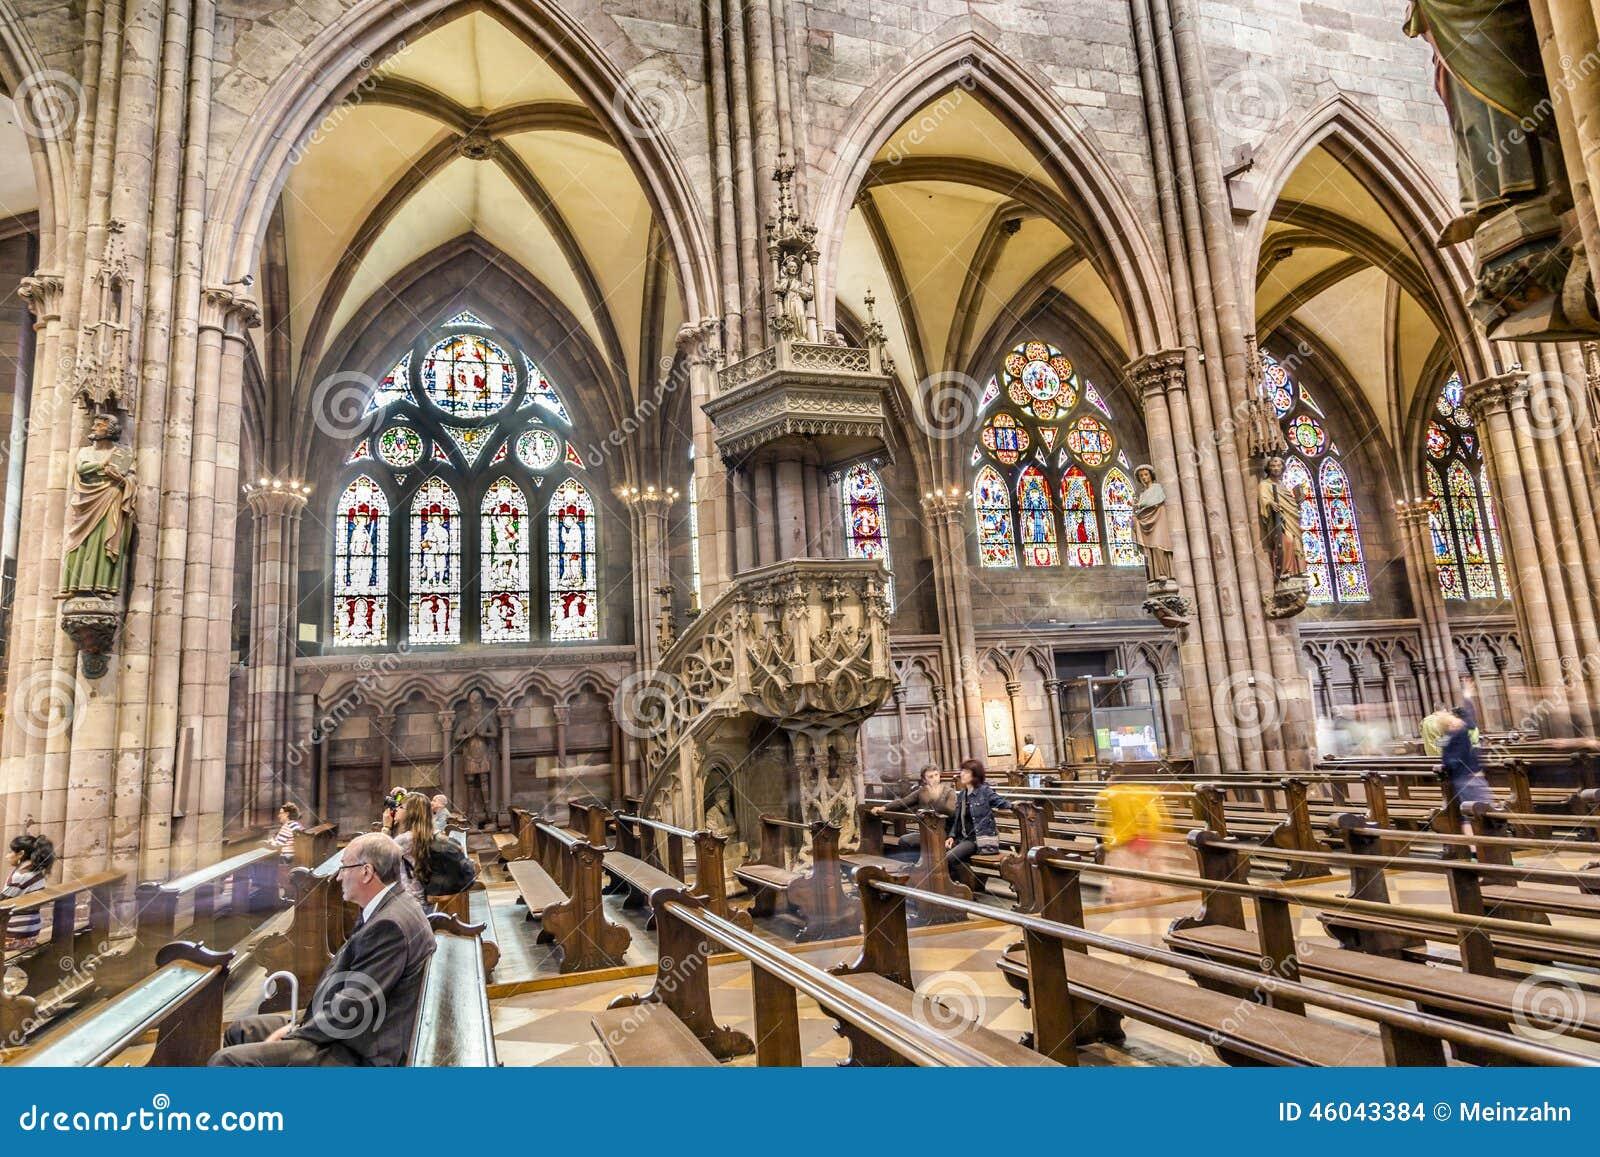 #81A229 ALEMANHA 4 DE JULHO DE 2014: Janelas de vidro colorido na igreja de  222 Janelas De Vidro Para Igrejas